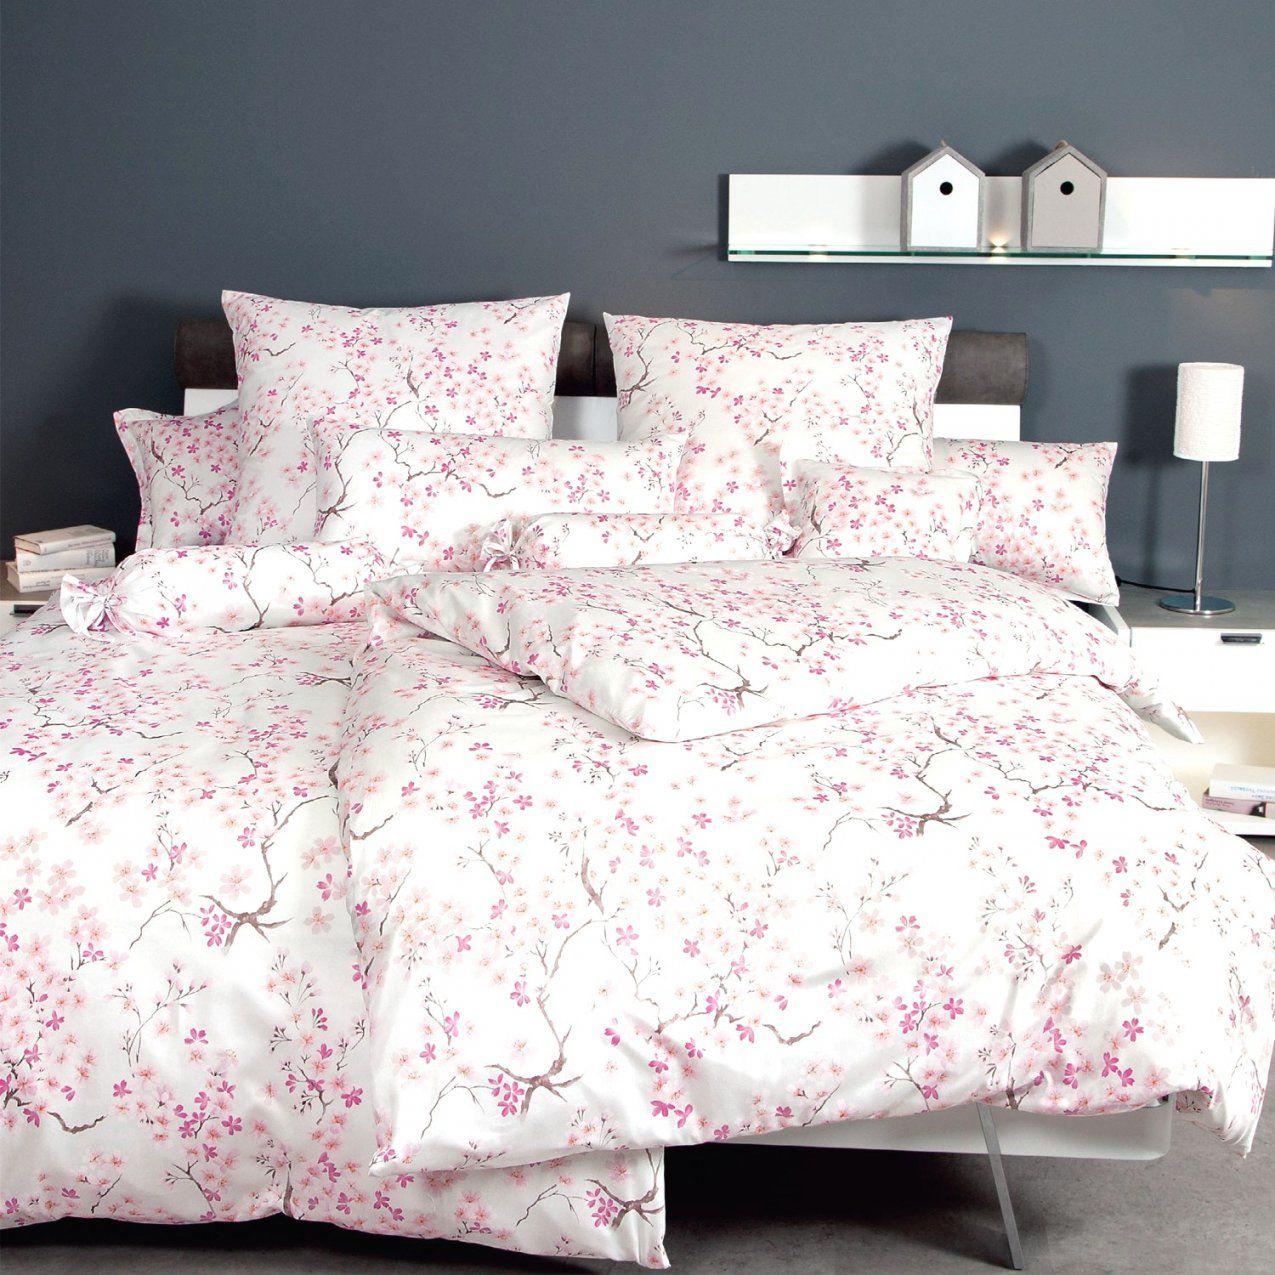 Fantastische Ideen Rosa Bettwäsche Und Ästhetische Grau Bettwasche von Blümchen Bettwäsche Rosa Photo